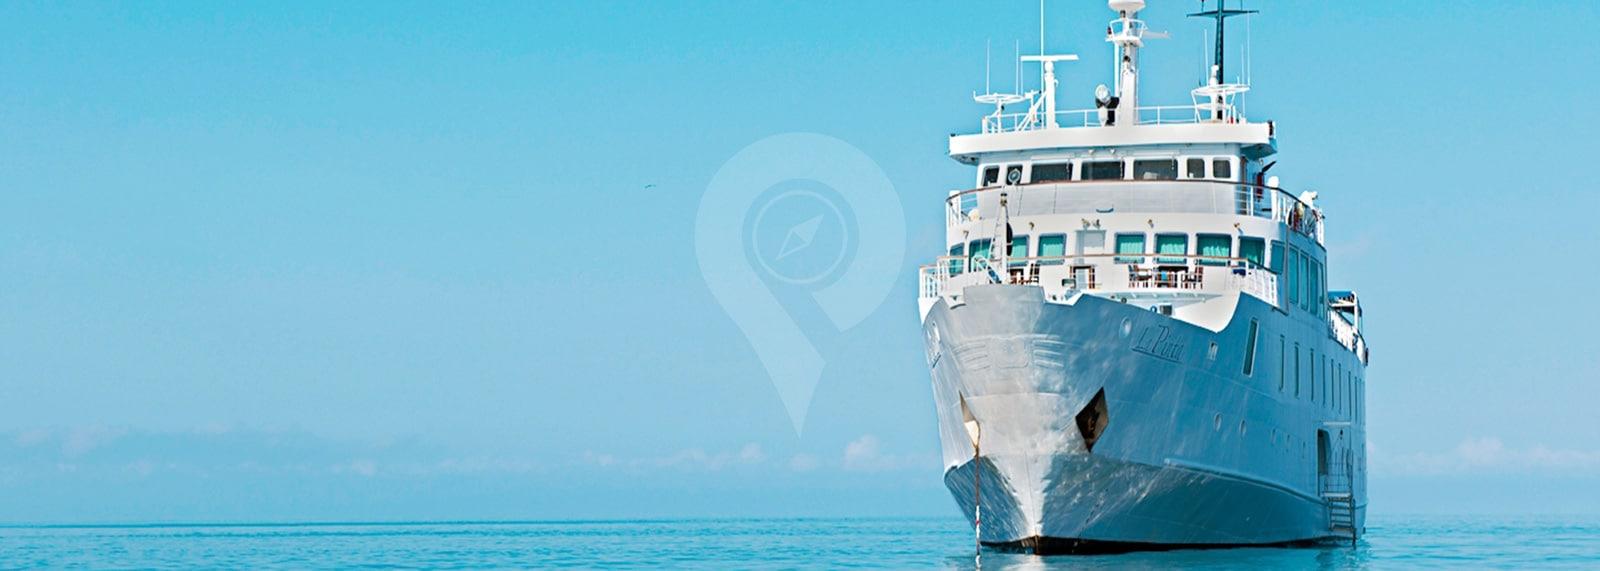 La Pinta Galapagos Ship